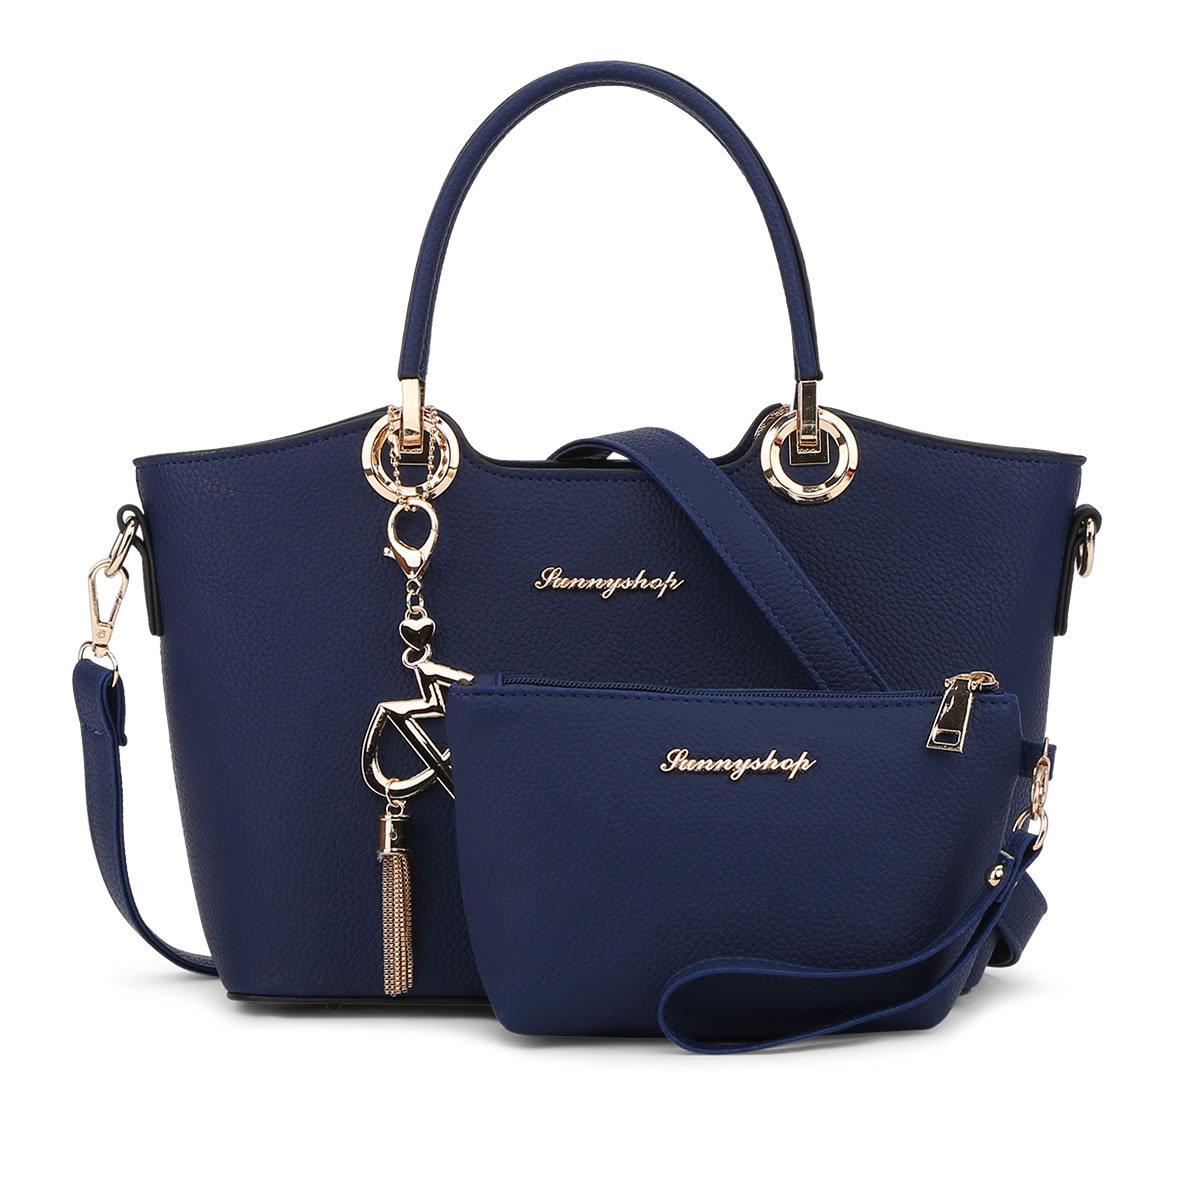 พร้อมส่ง กระเป๋าถือและสะพายข้าง เรียบหรูคุณนาย เซ็ต 2 ใบ แฟชั่นยุโรปอเมริกา Sunny-864 สีน้ำเงิน